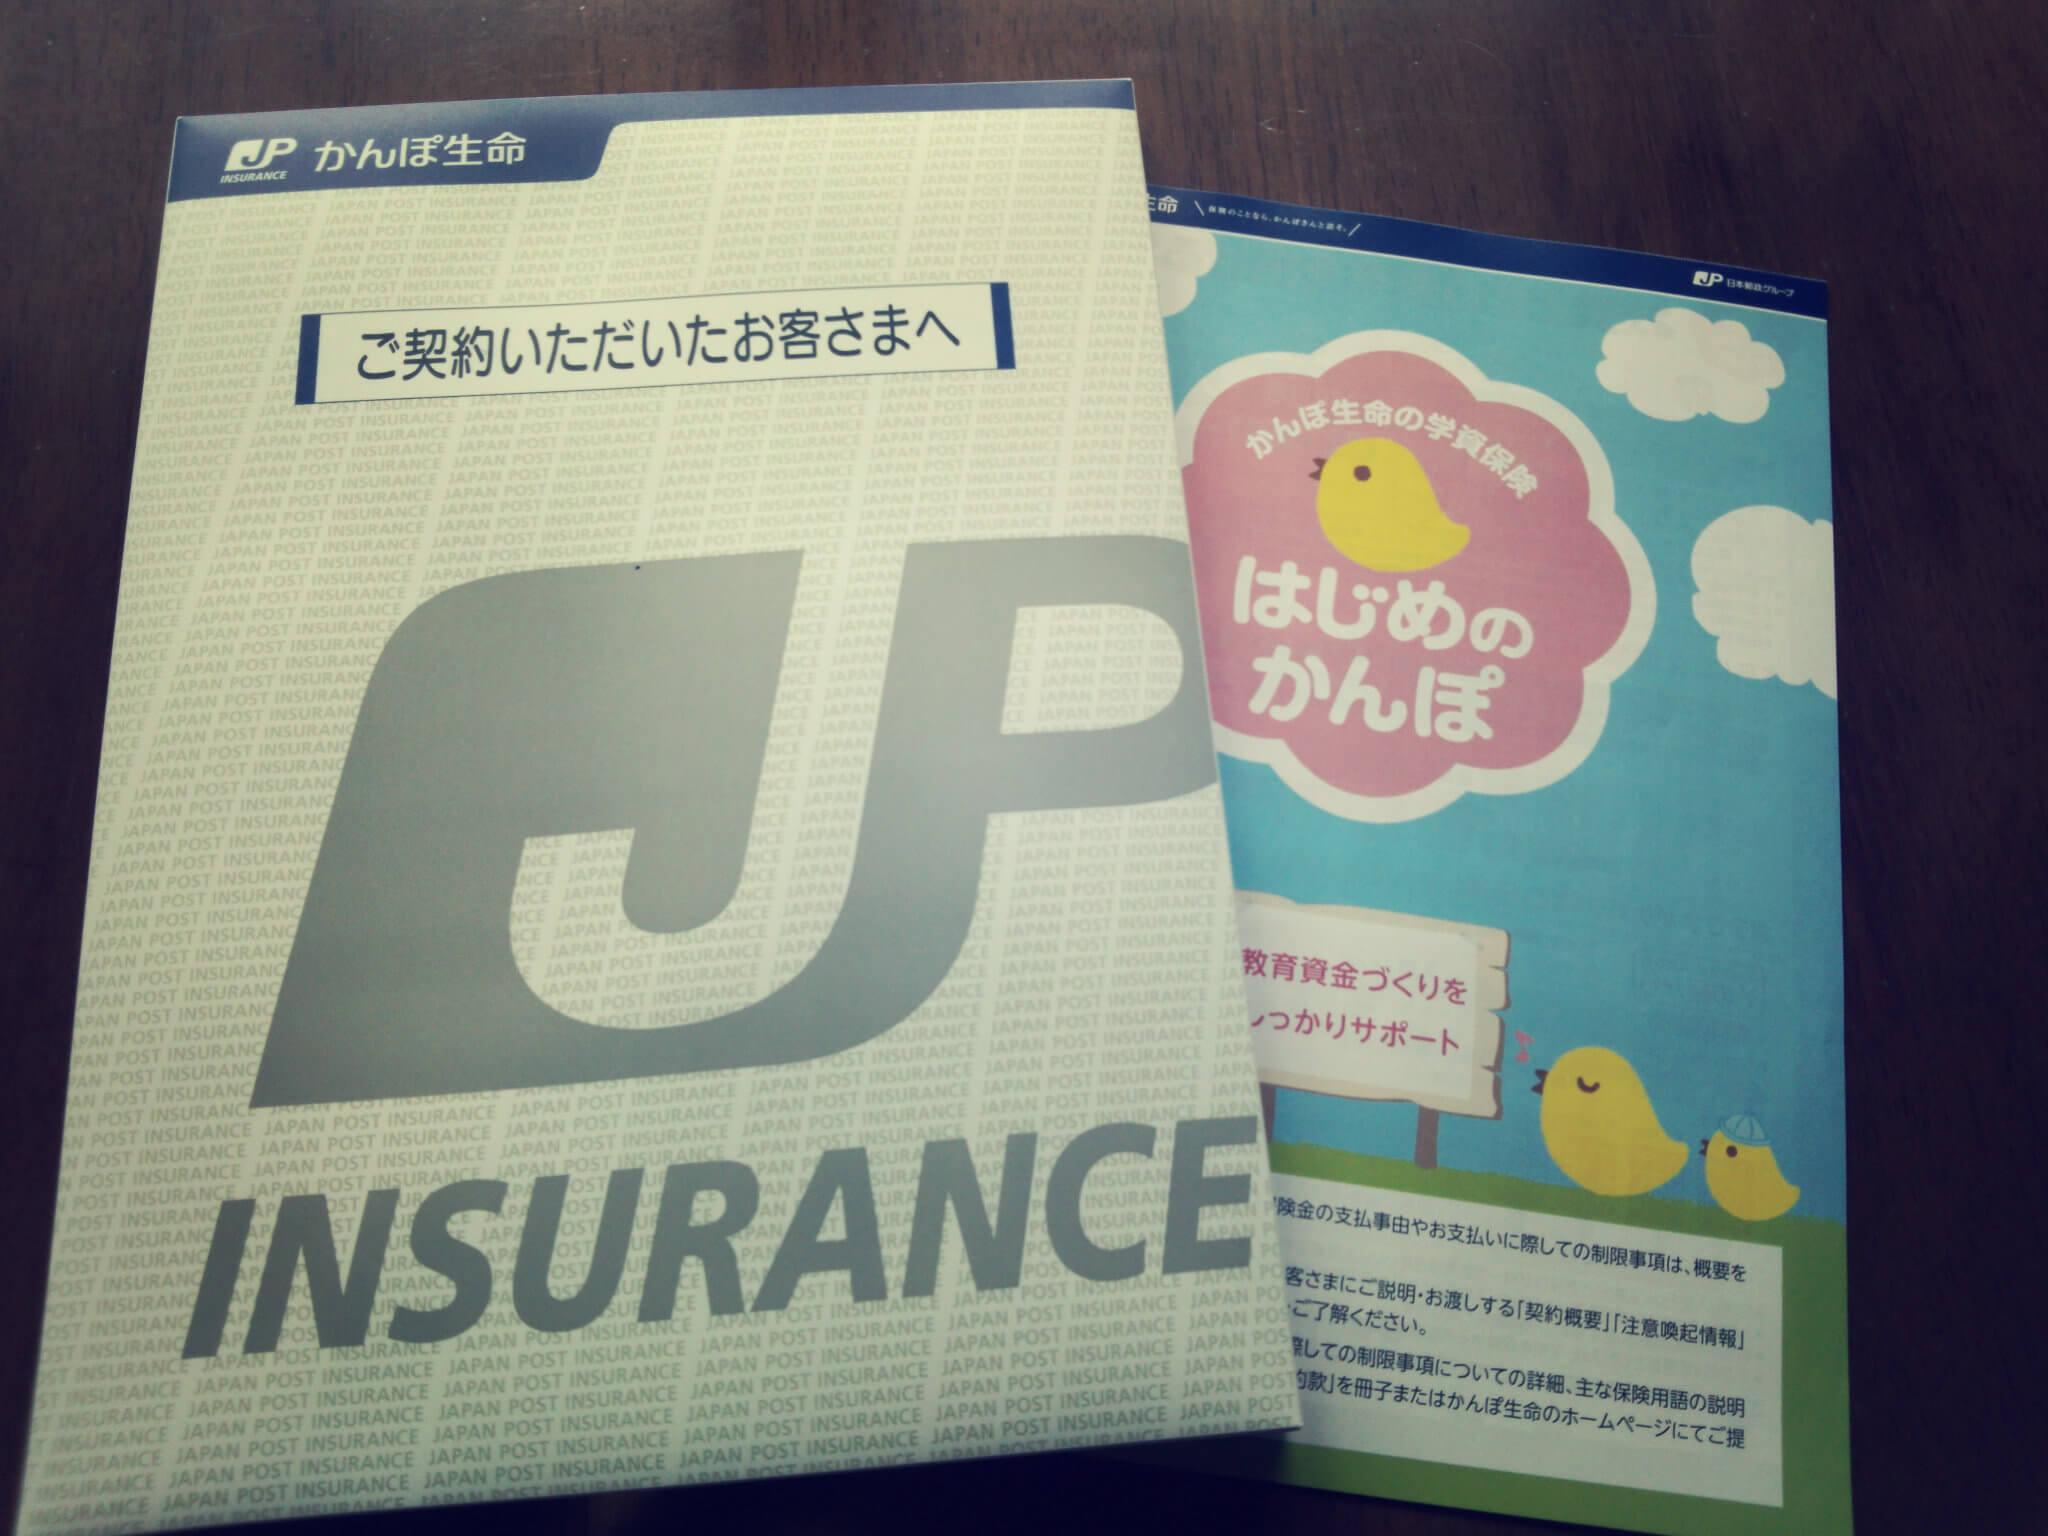 かんぽの学資保険(ゆうちょ)に入ってきました【2015年加入】